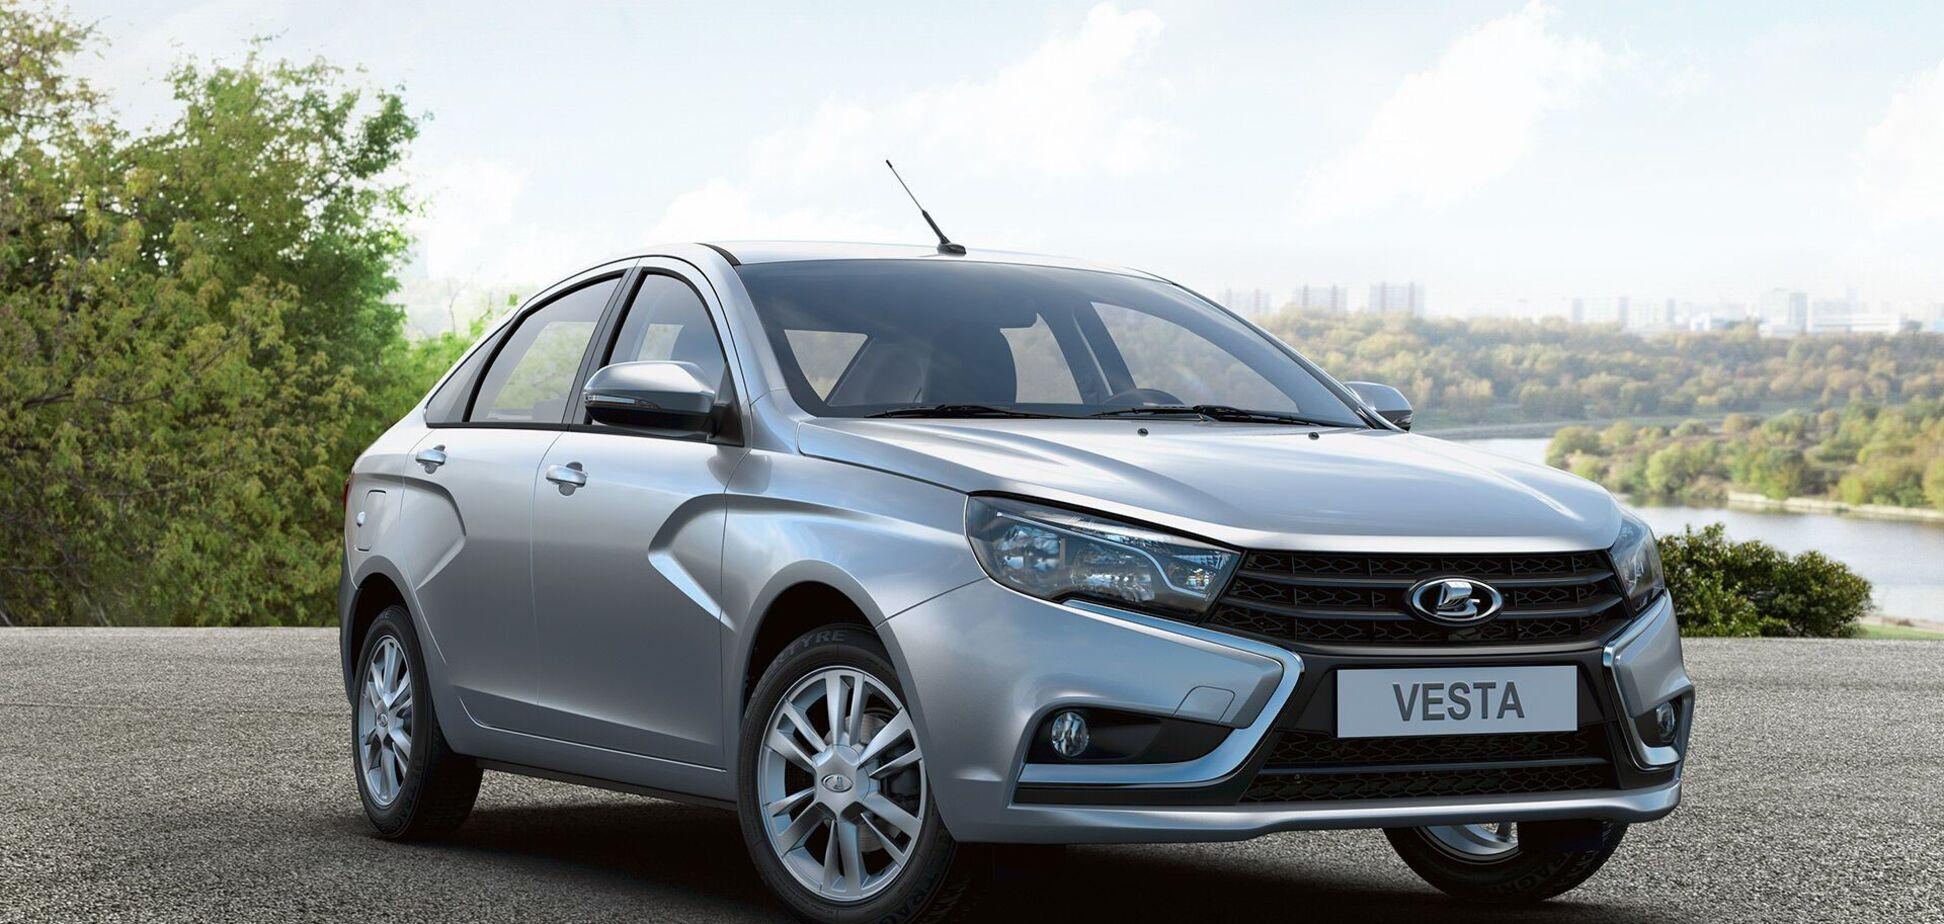 Журналісти порівняли ціни на моделі Lada російського та українського складання